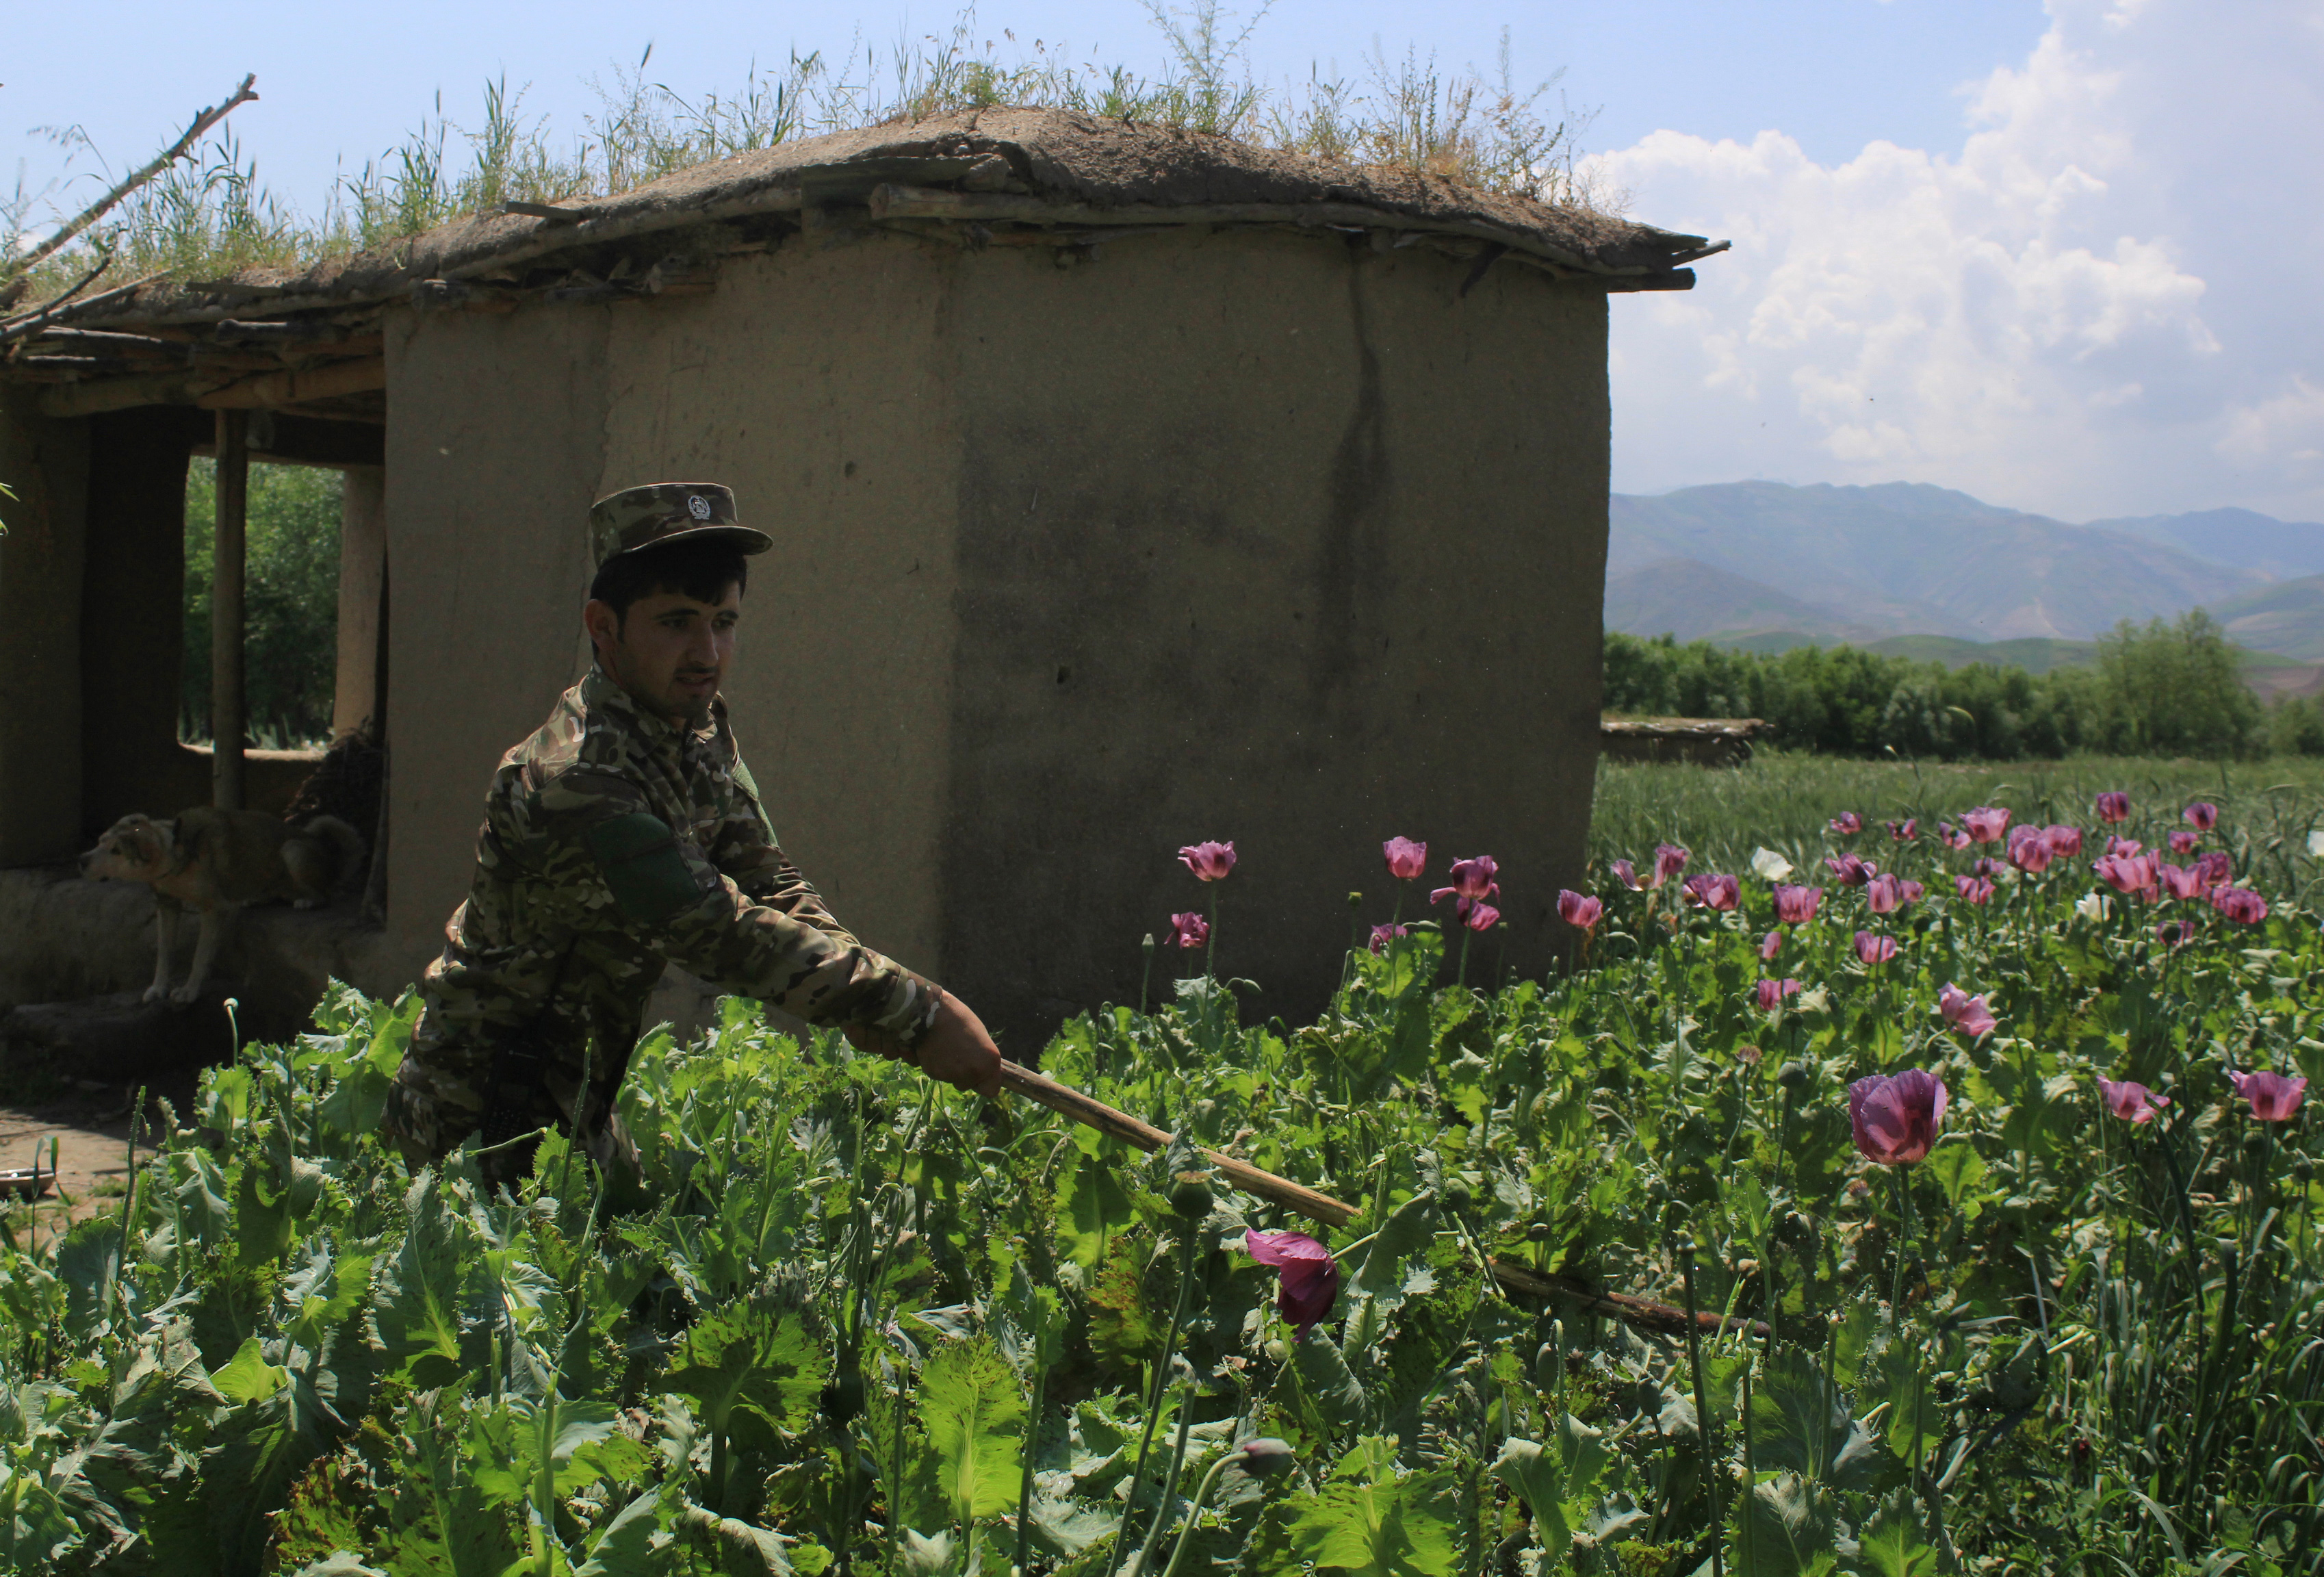 چارواکي: طالبان د افغانستان د نشه ییزو توکو تر ټولو لوی انحصارګران دي